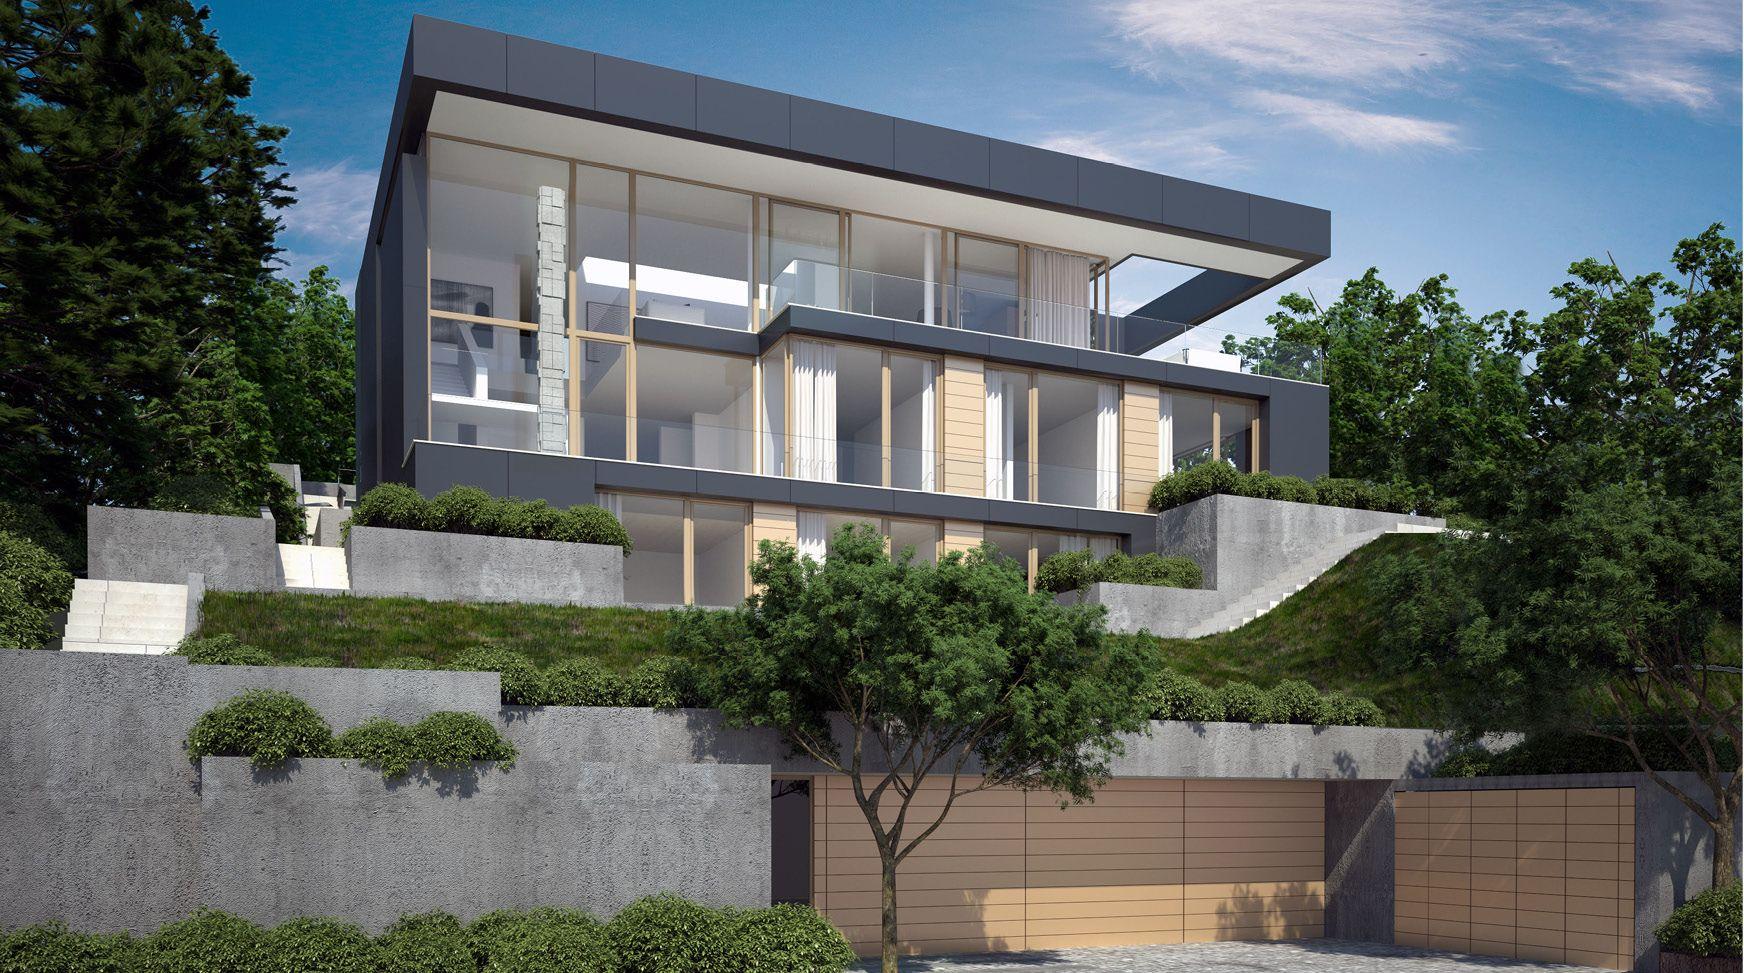 Architektur Wohnhaus Fuchs Und Wacker Beeindruckend On Andere Auf Projekt Haus Am Hang Stuttgart Architekten Bda 9